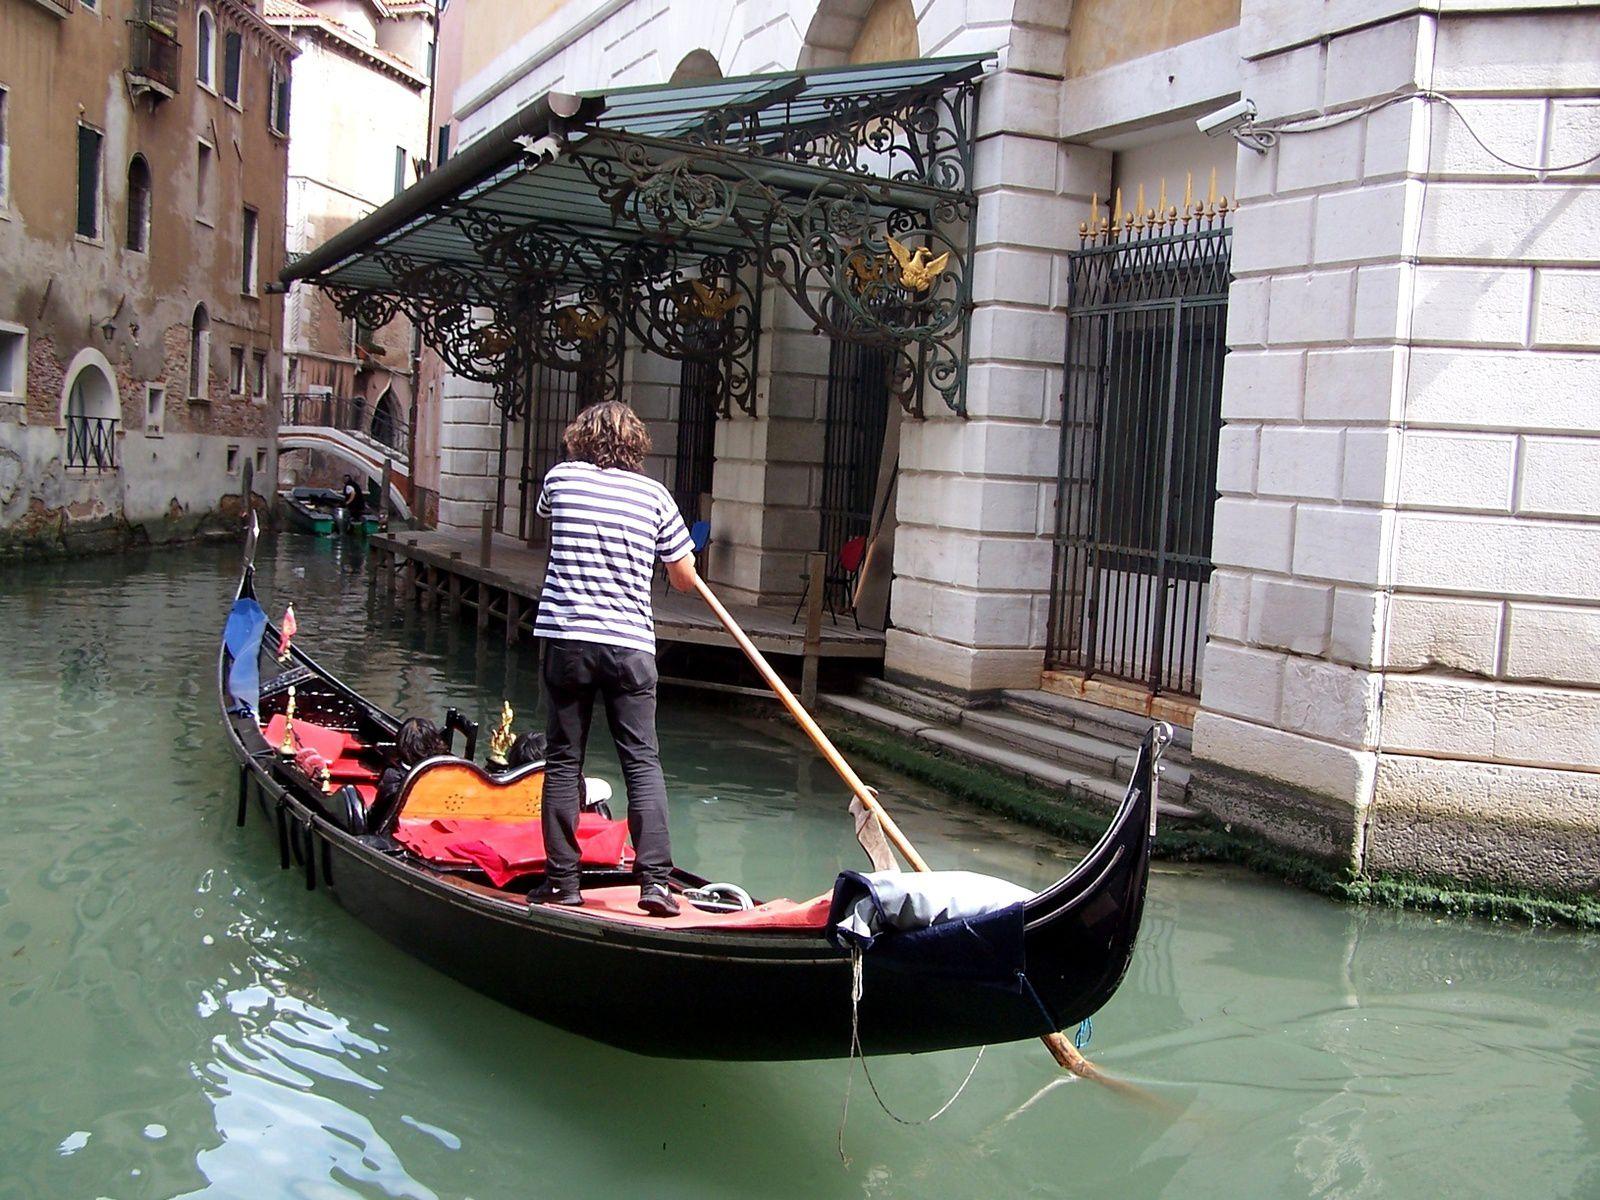 entrée côté canal de la Fenice